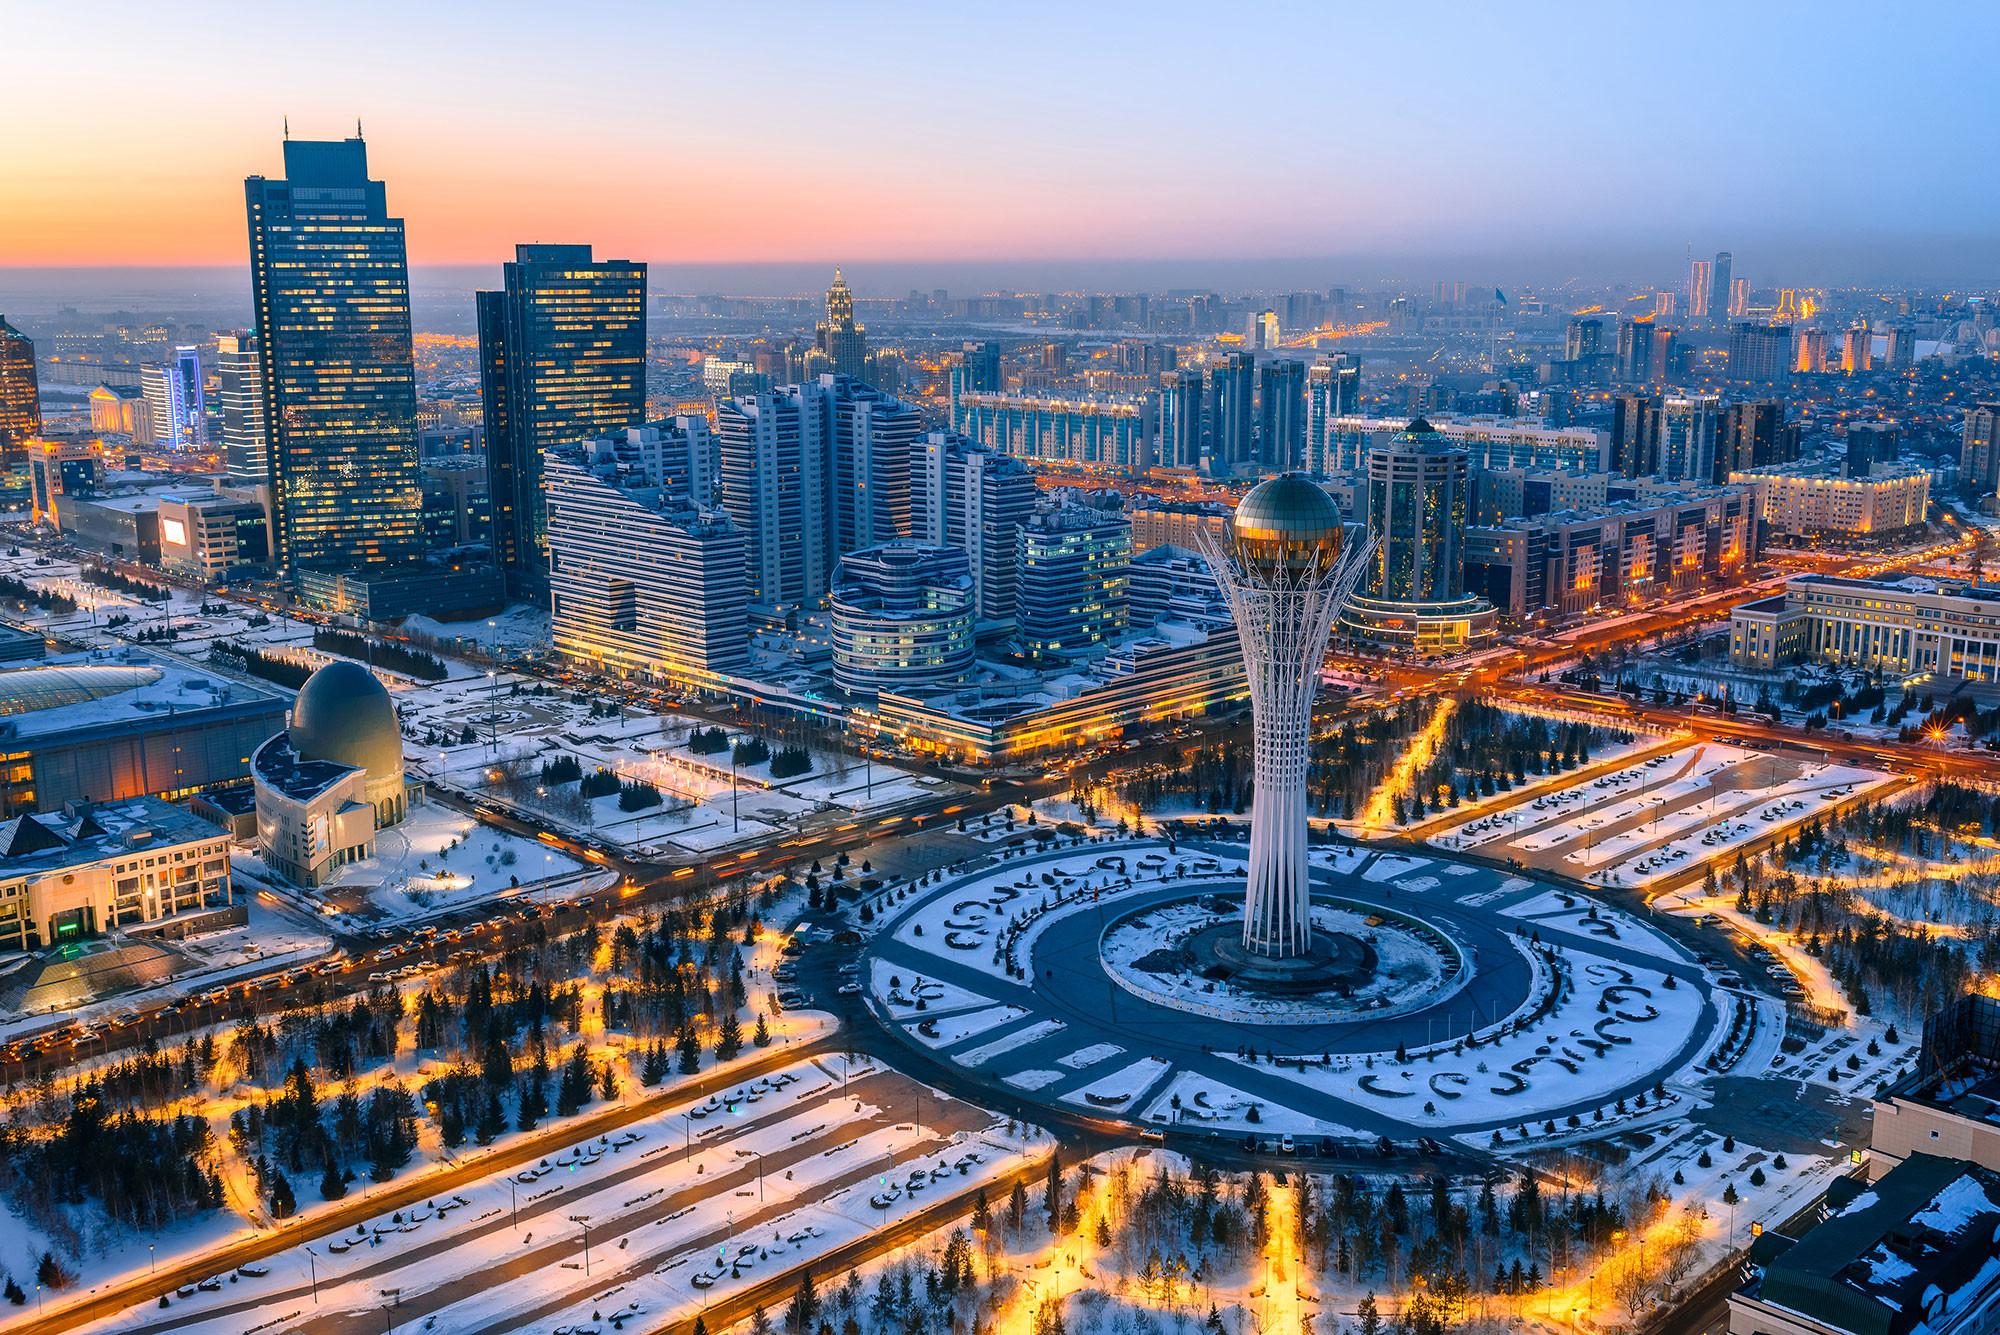 казахстана популярные картинки система будет